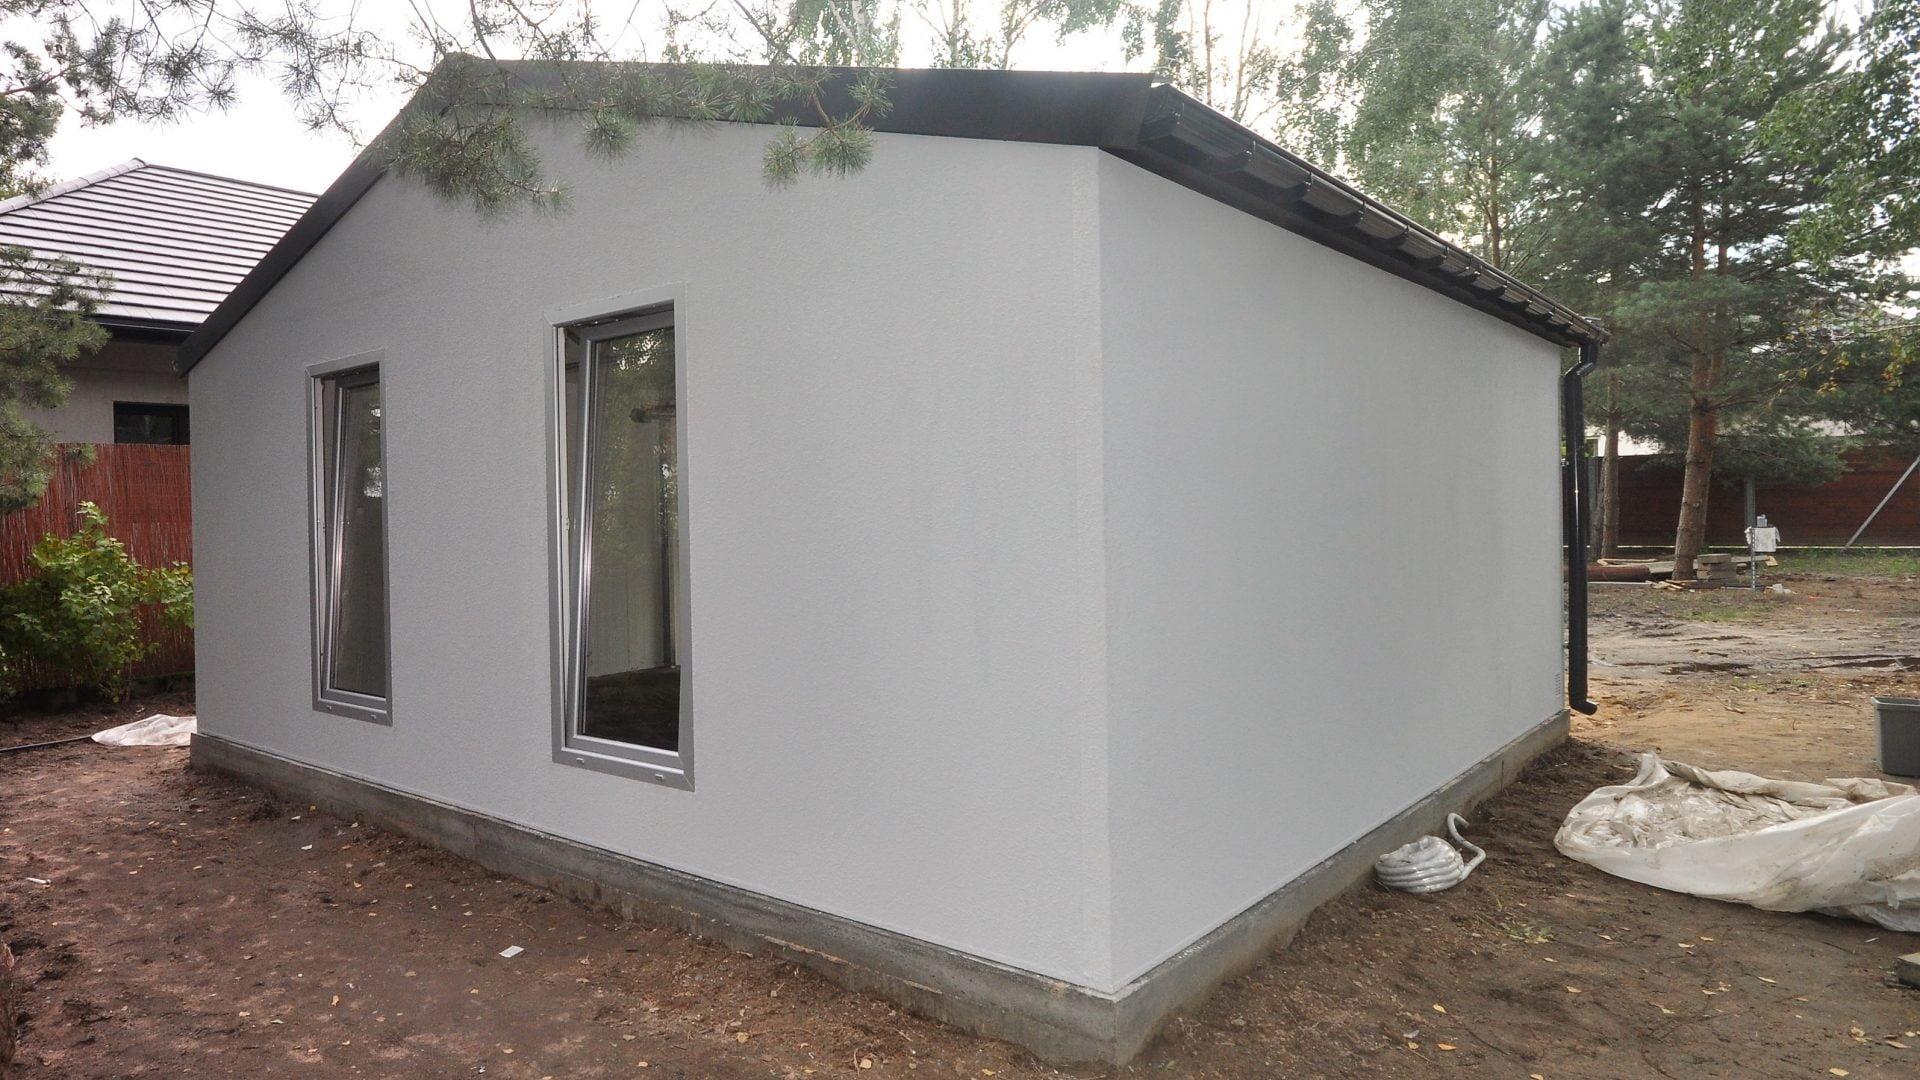 Garaż tynkowany Duo-Classic - wraz z okienkami, 6,0 x 5,7 m